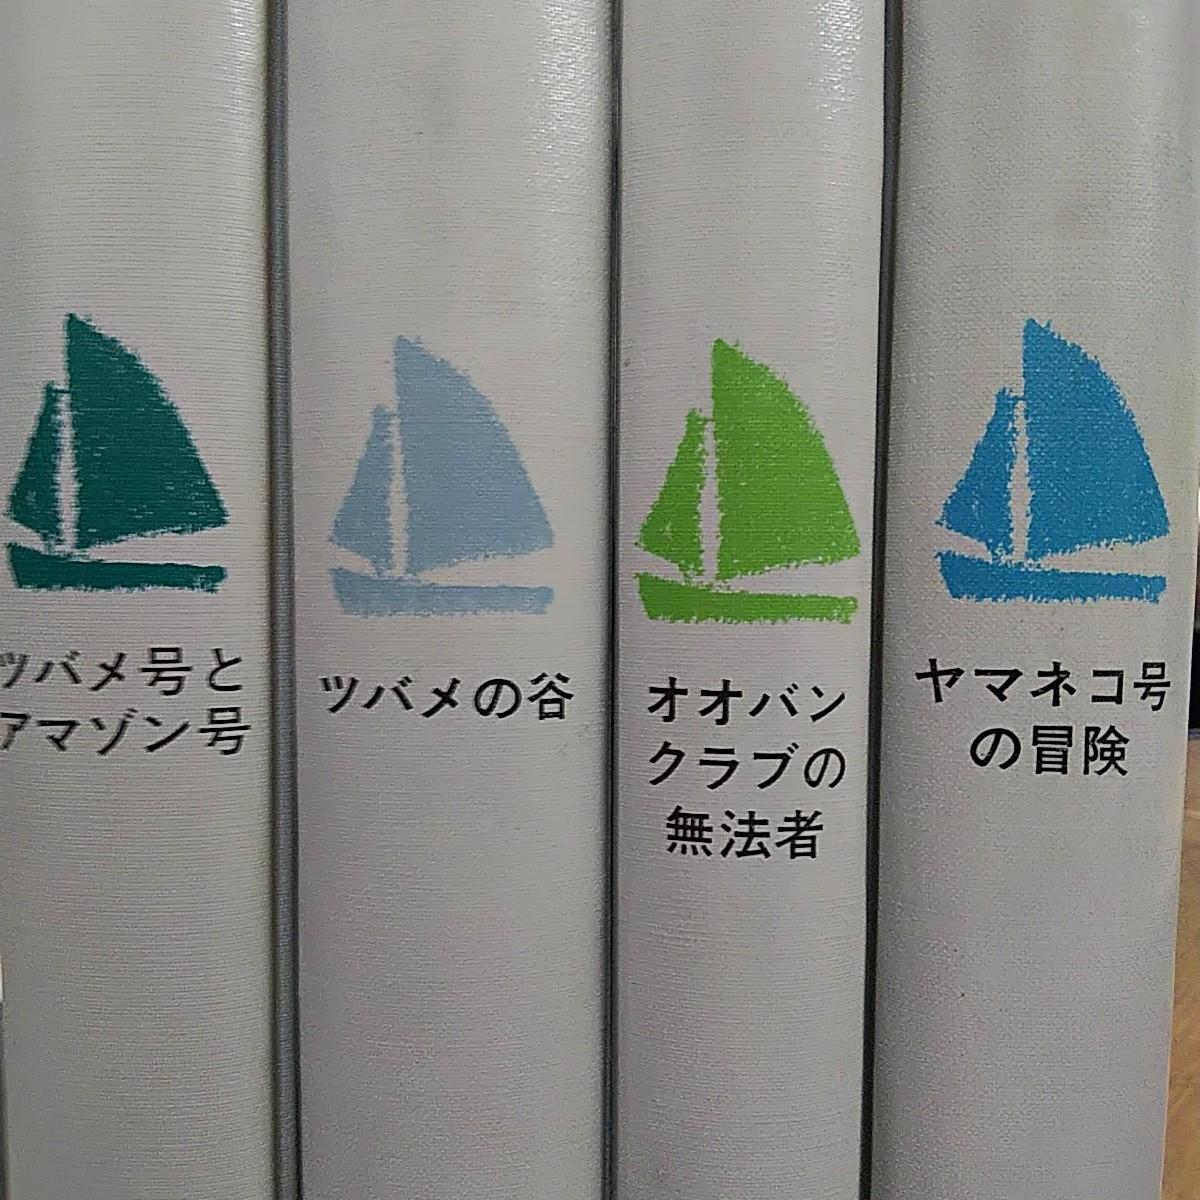 f:id:WhichBook:20200806220042j:plain